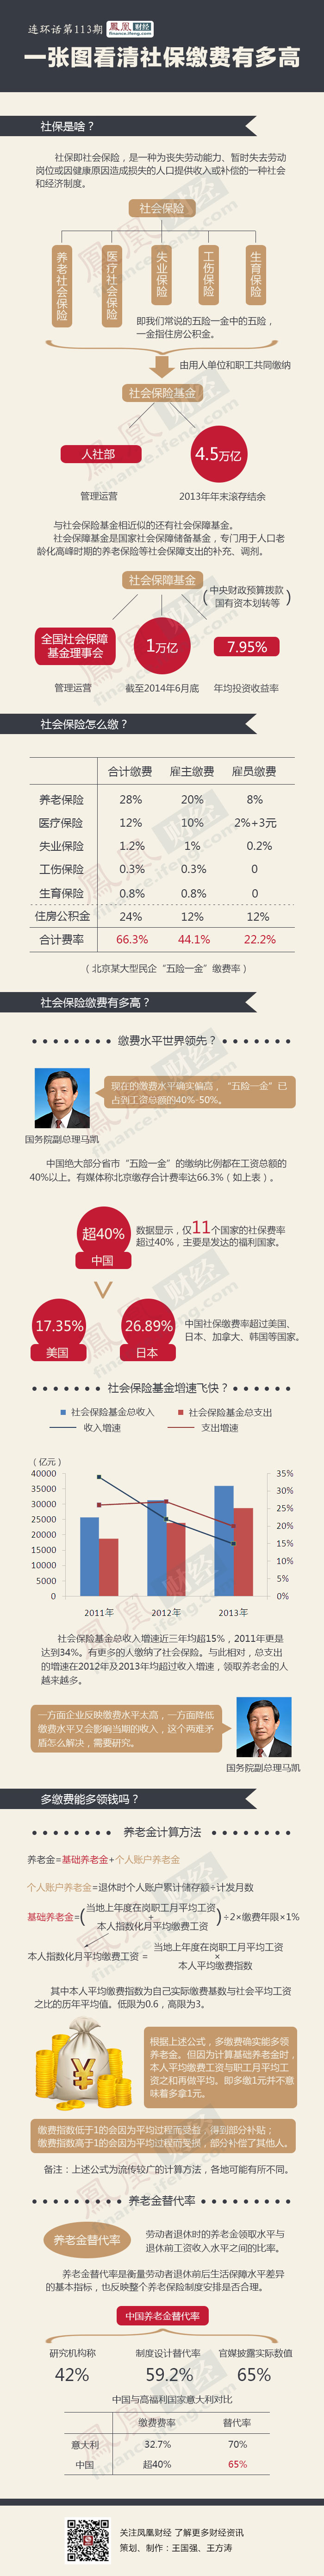 """""""中国社保缴费率全球排名第一"""" -  长城雄风 - 长城雄风de博客"""